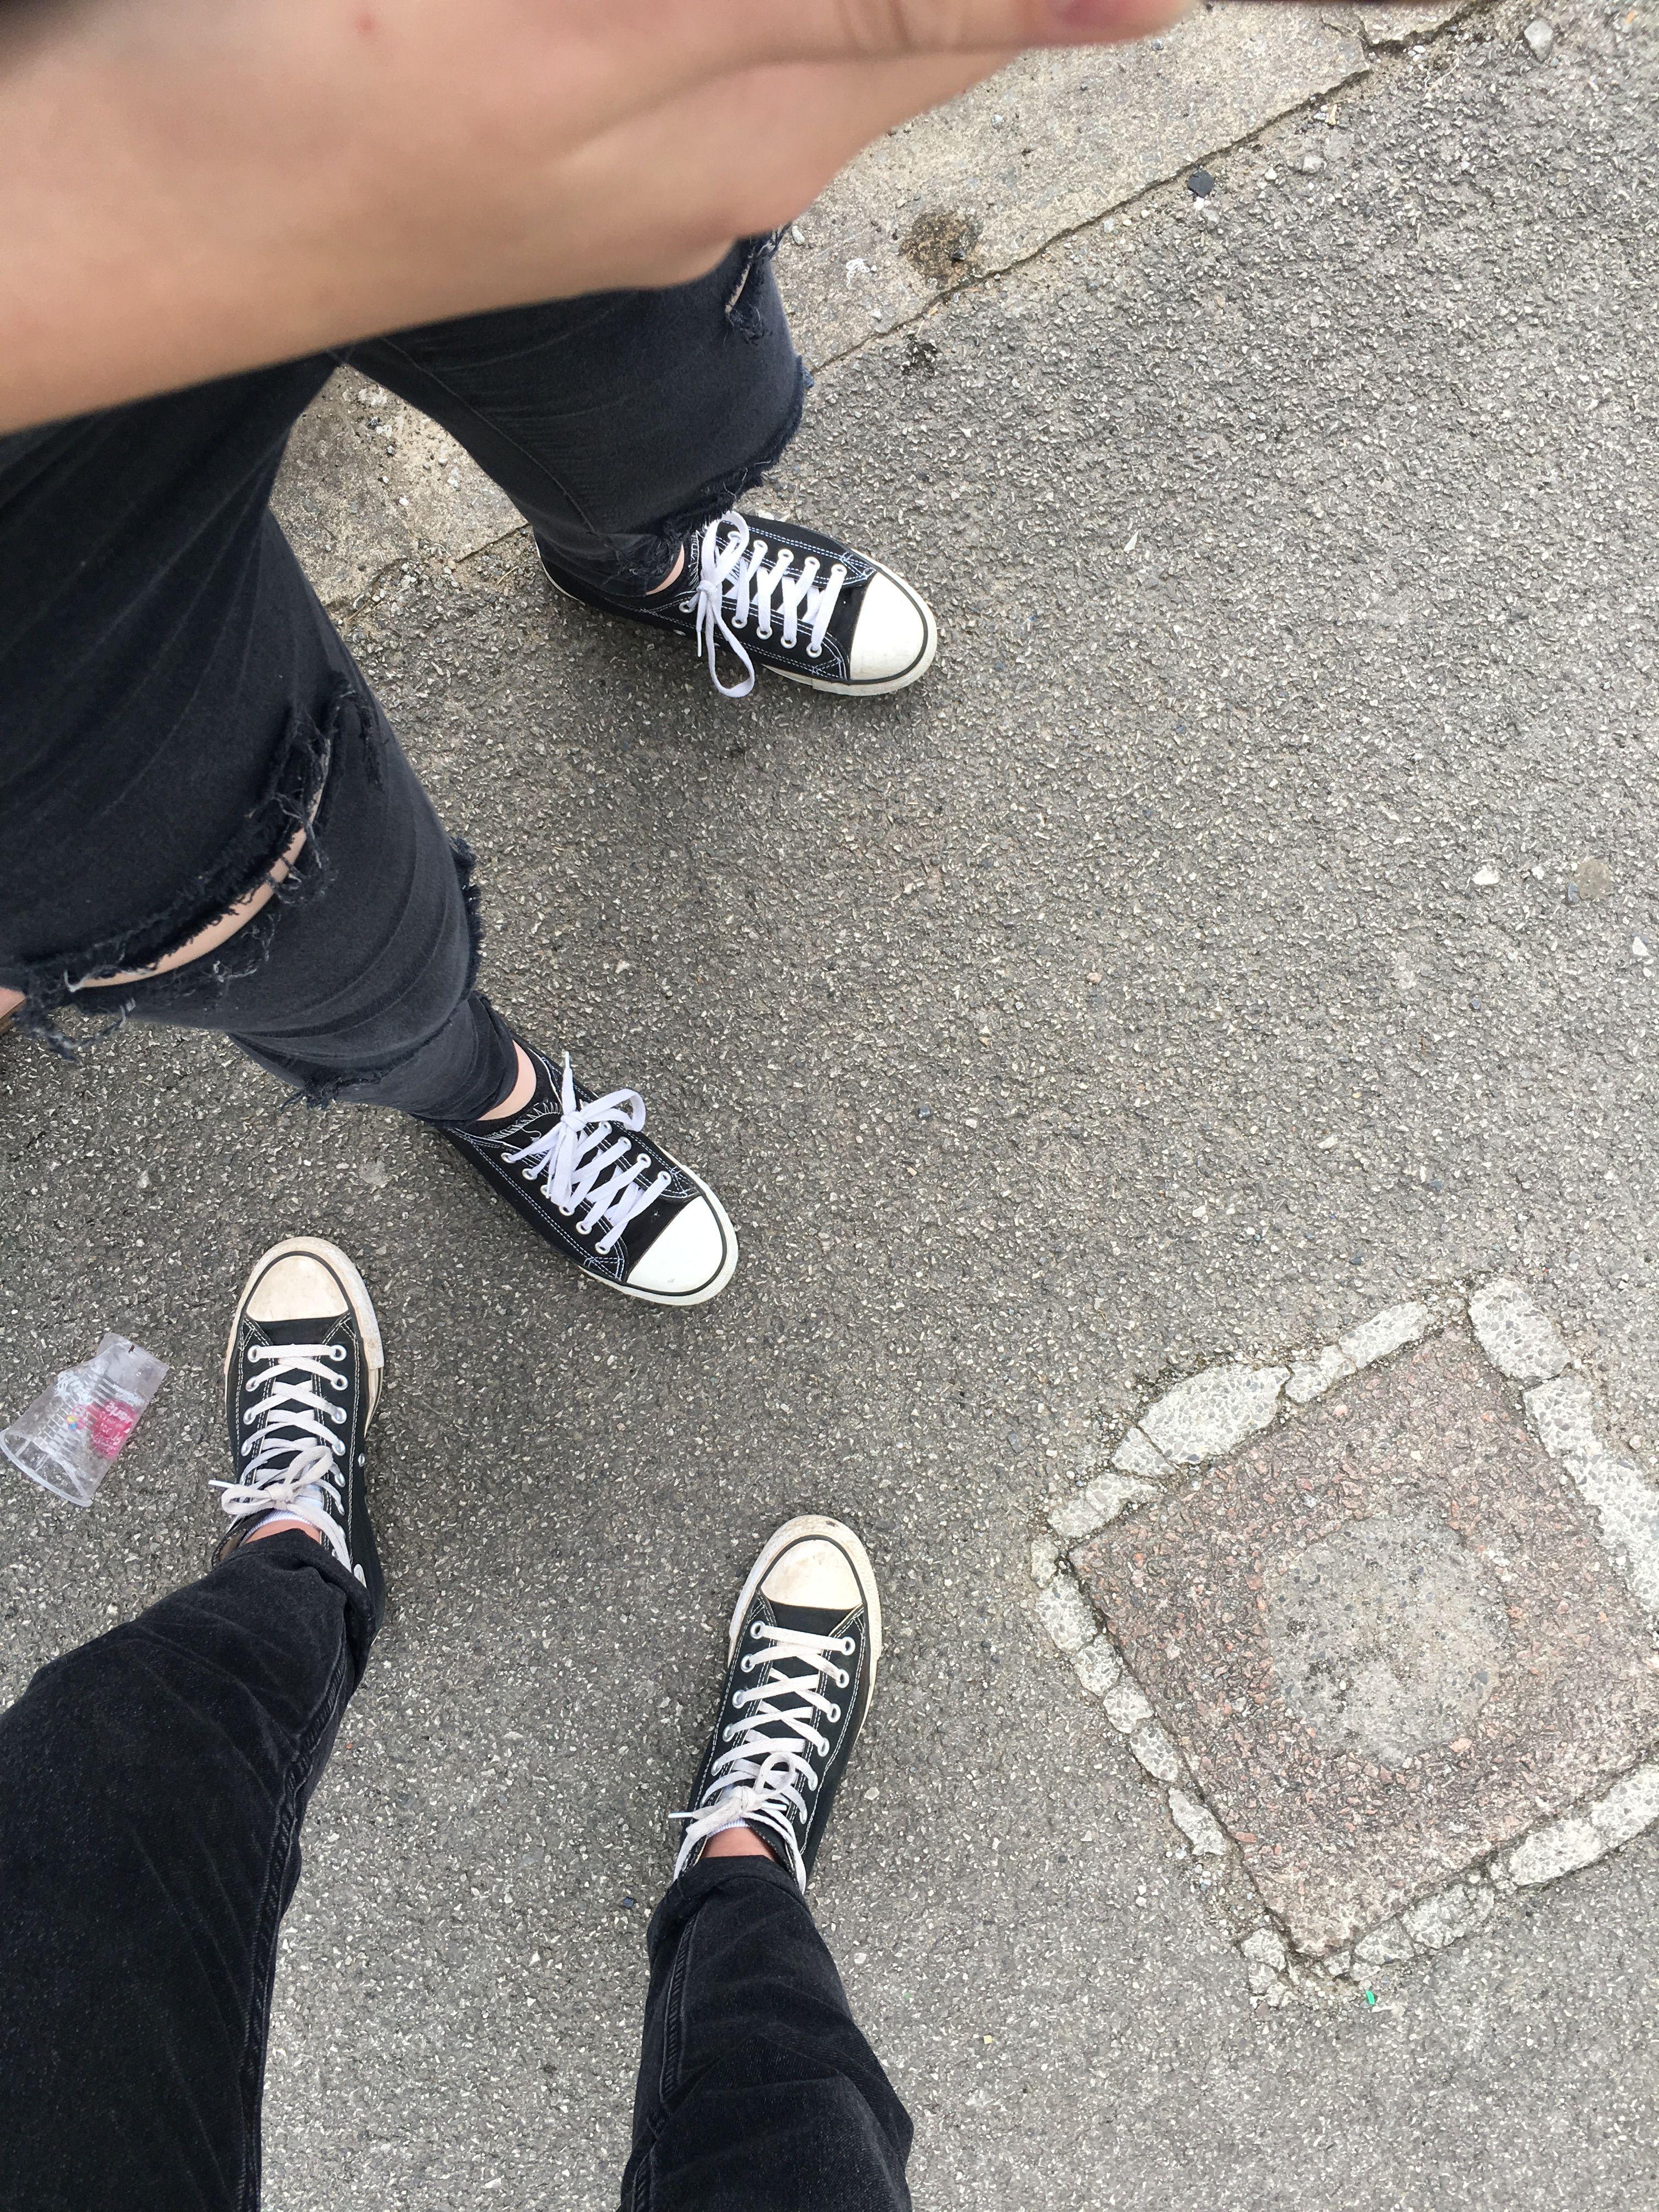 Pin Oleh Mena T Hah Di Shoes Selfie Fotografi Fotografi Potret